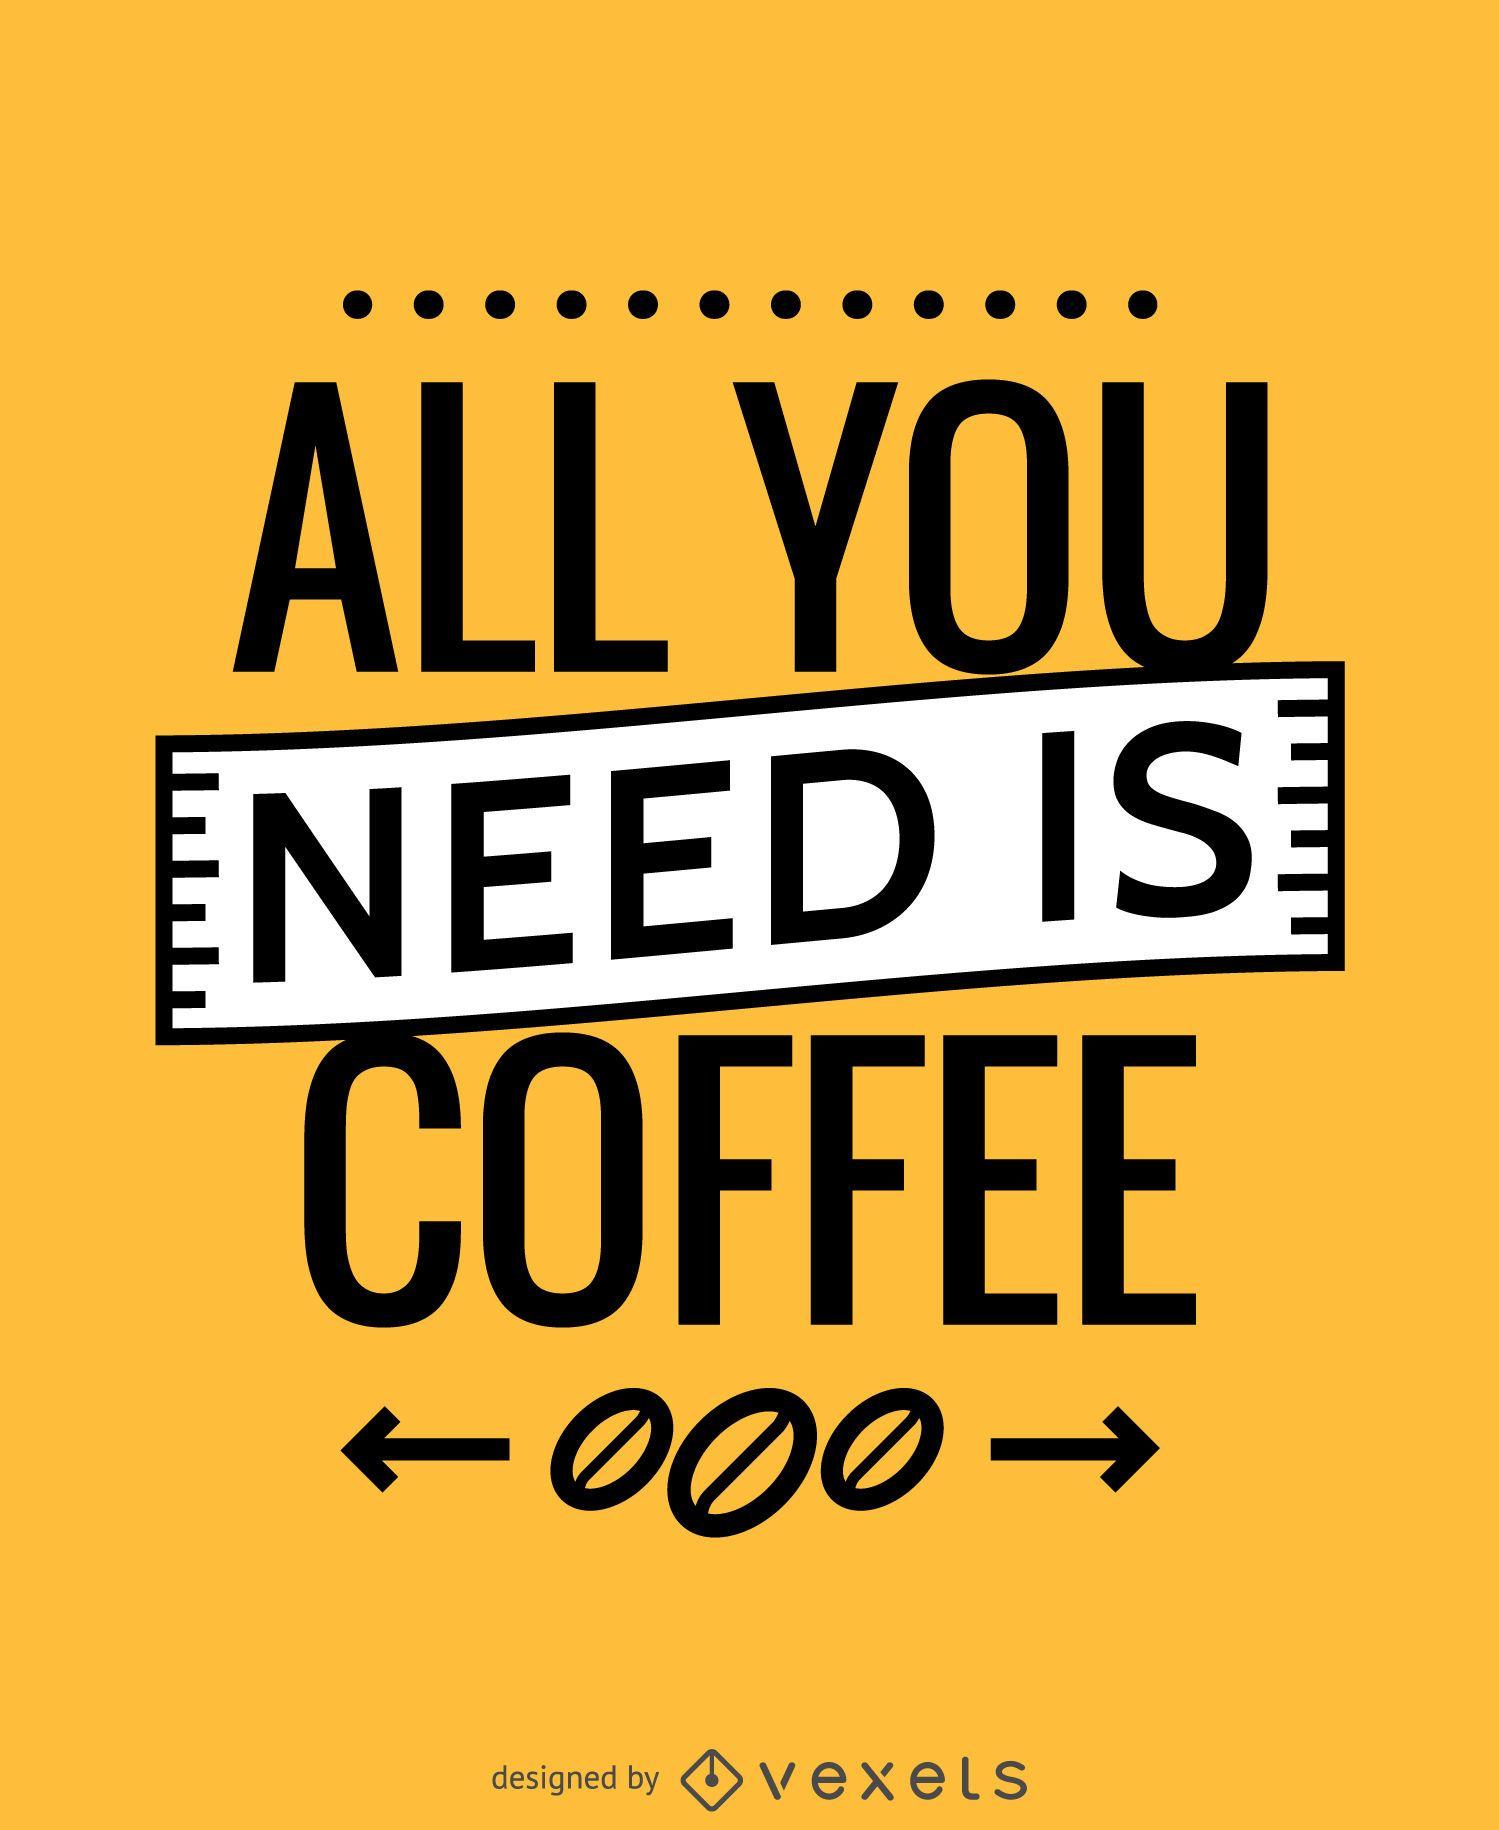 Tudo que você precisa é um pôster de café